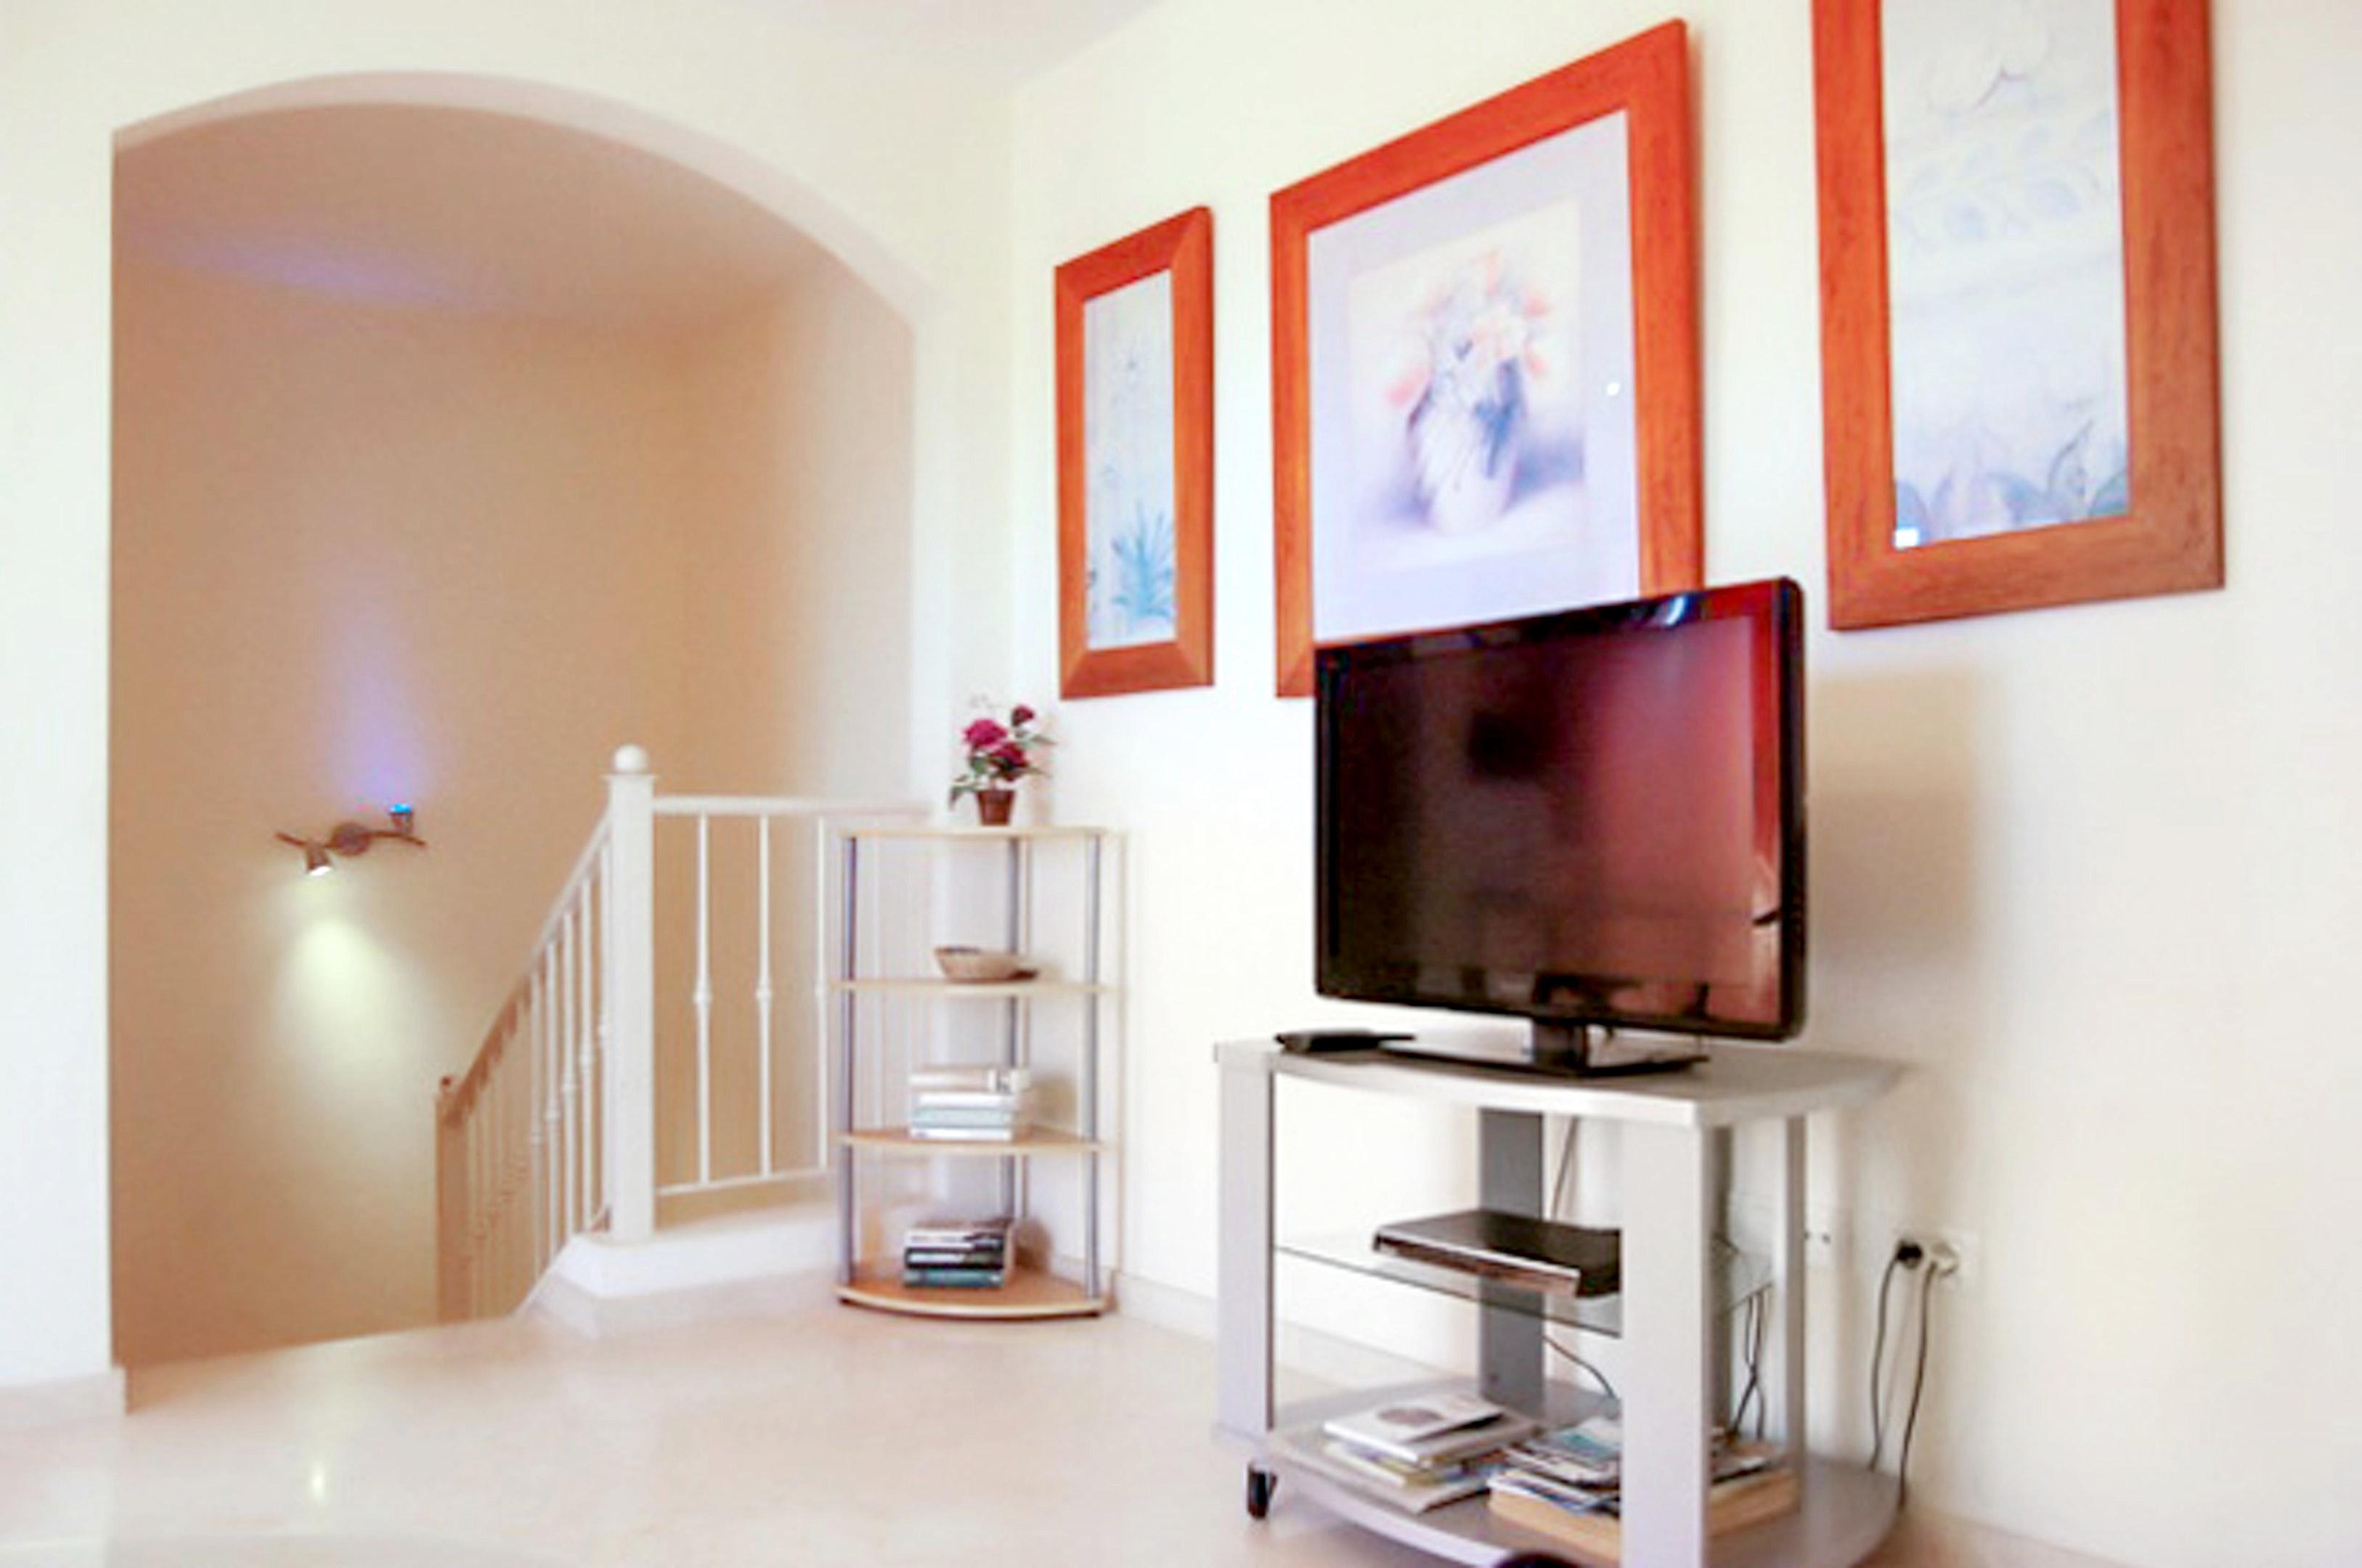 Appartement de vacances Wohnung mit 2 Schlafzimmern in Palm-Mar mit Pool, möblierter Terrasse und W-LAN - 800 m vo (2201692), Palm-Mar, Ténérife, Iles Canaries, Espagne, image 8